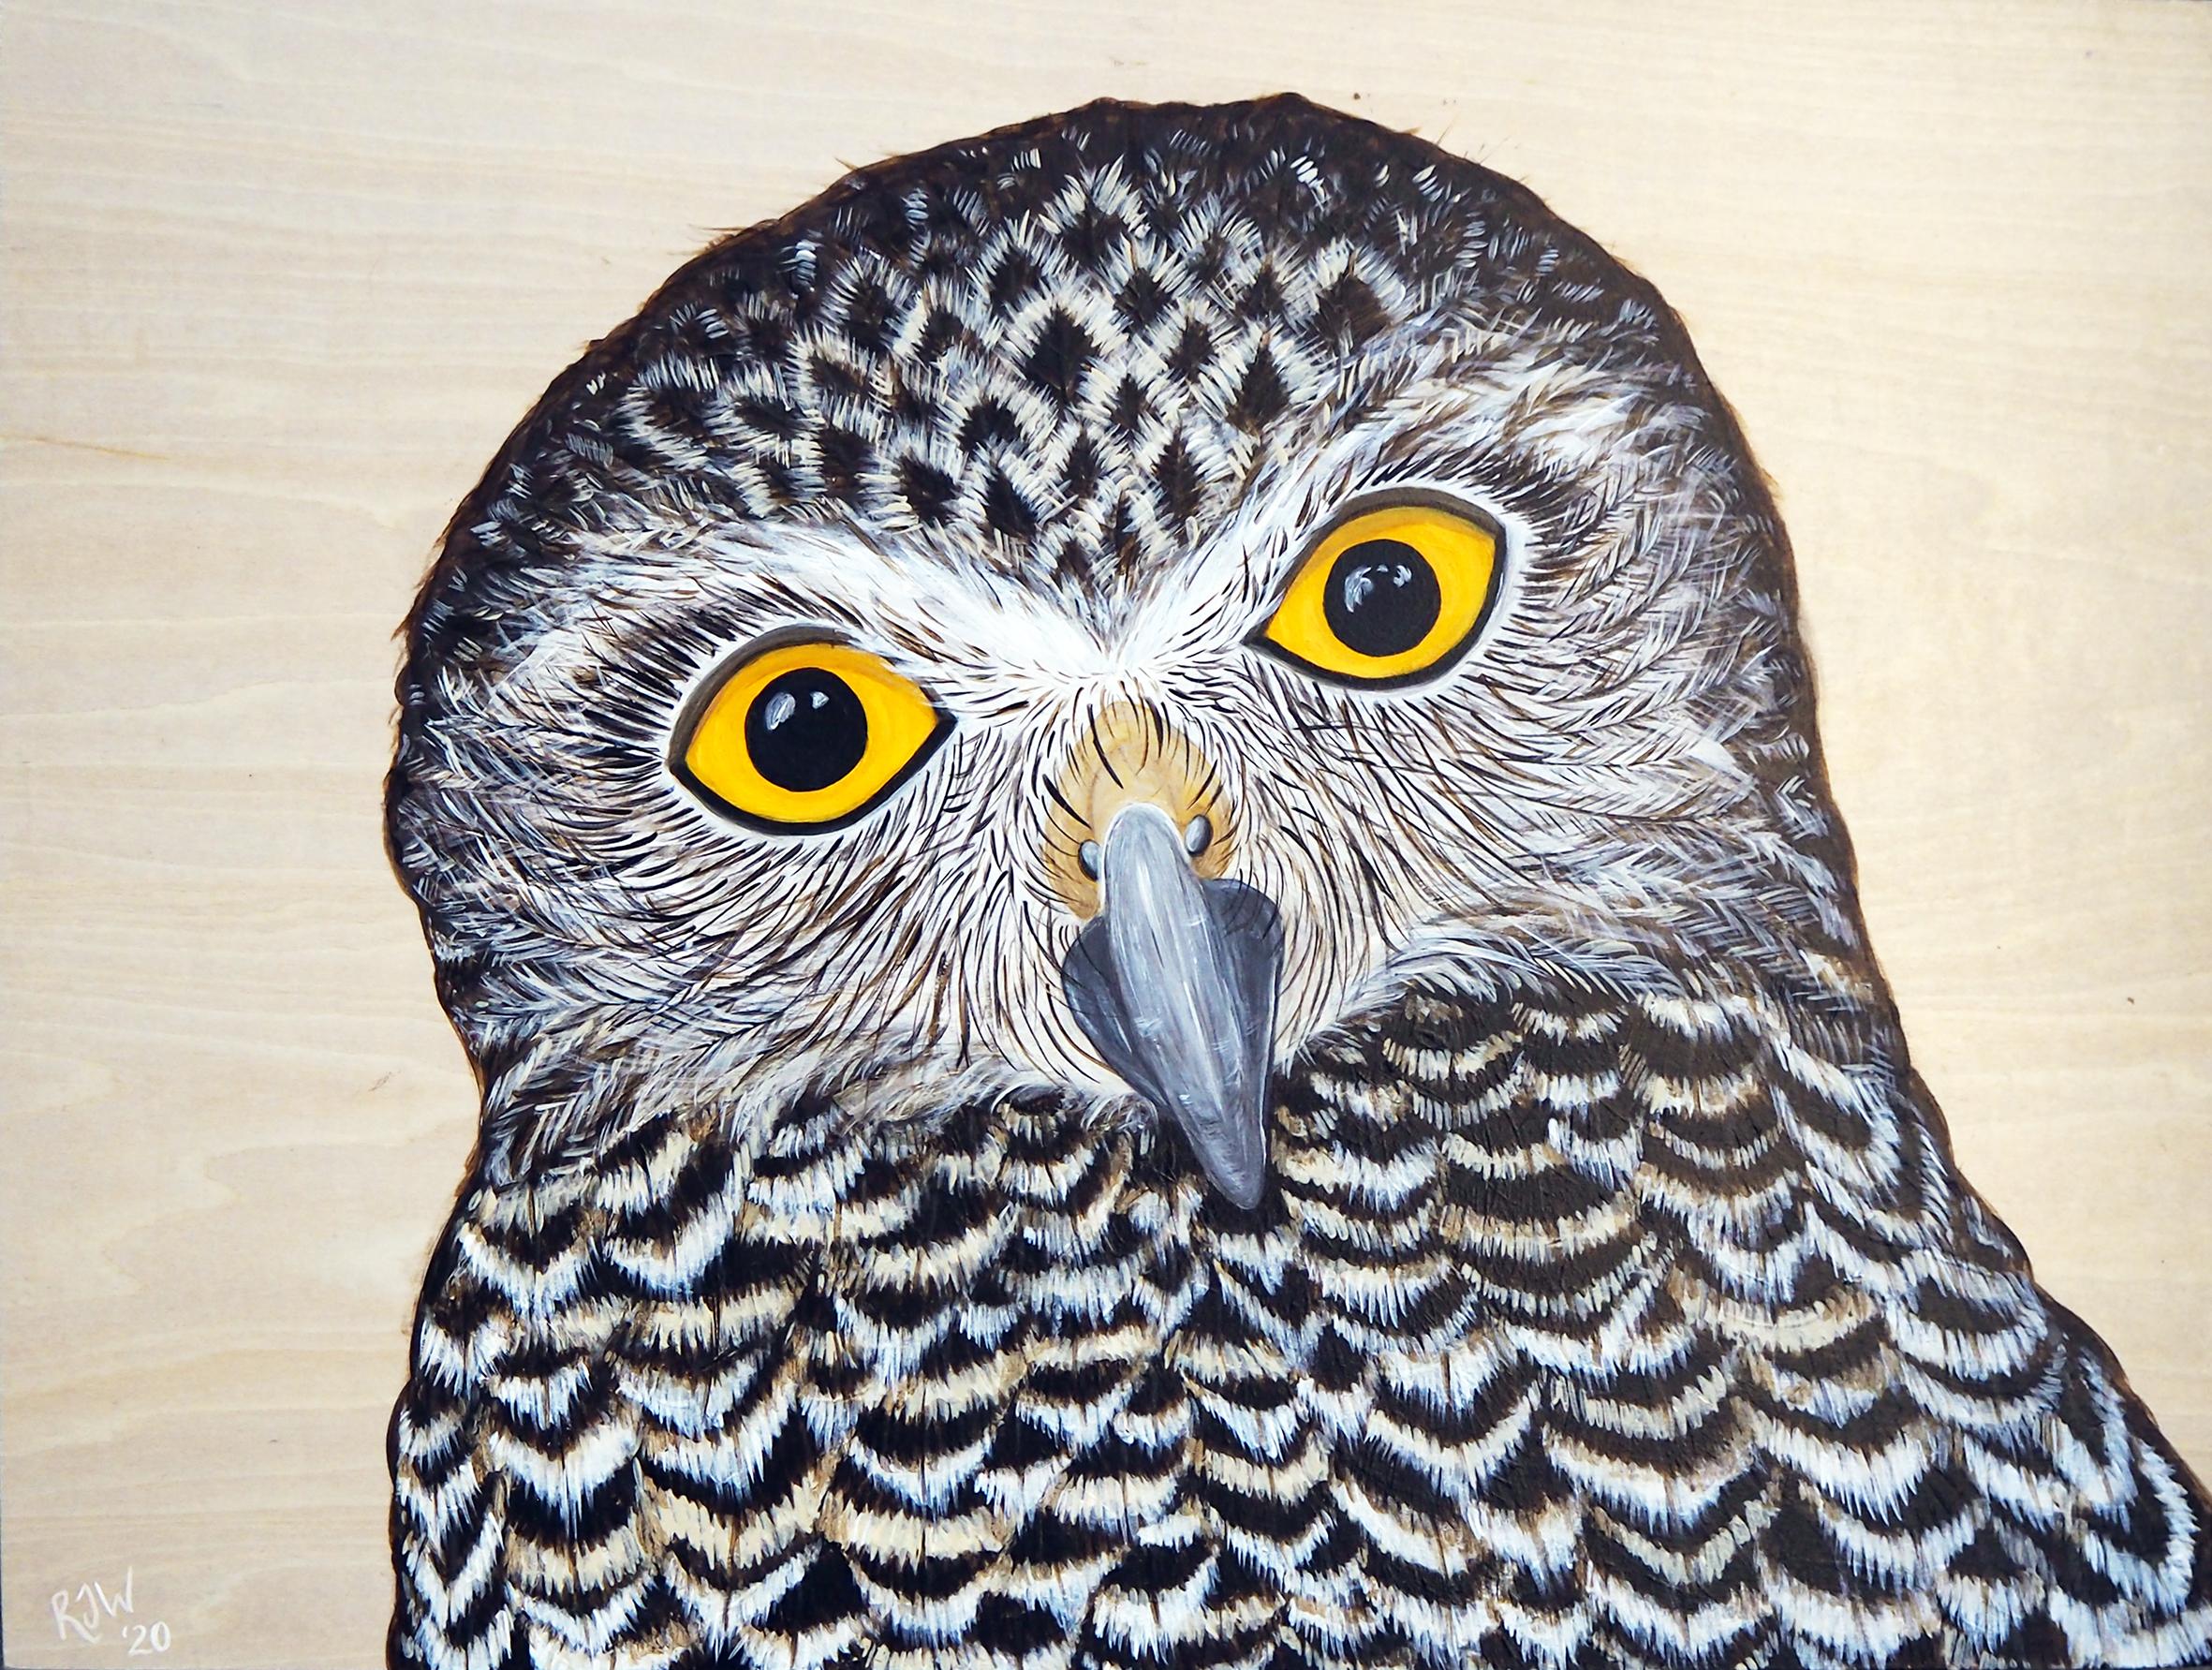 Power in Wisdom (Powerful owl)